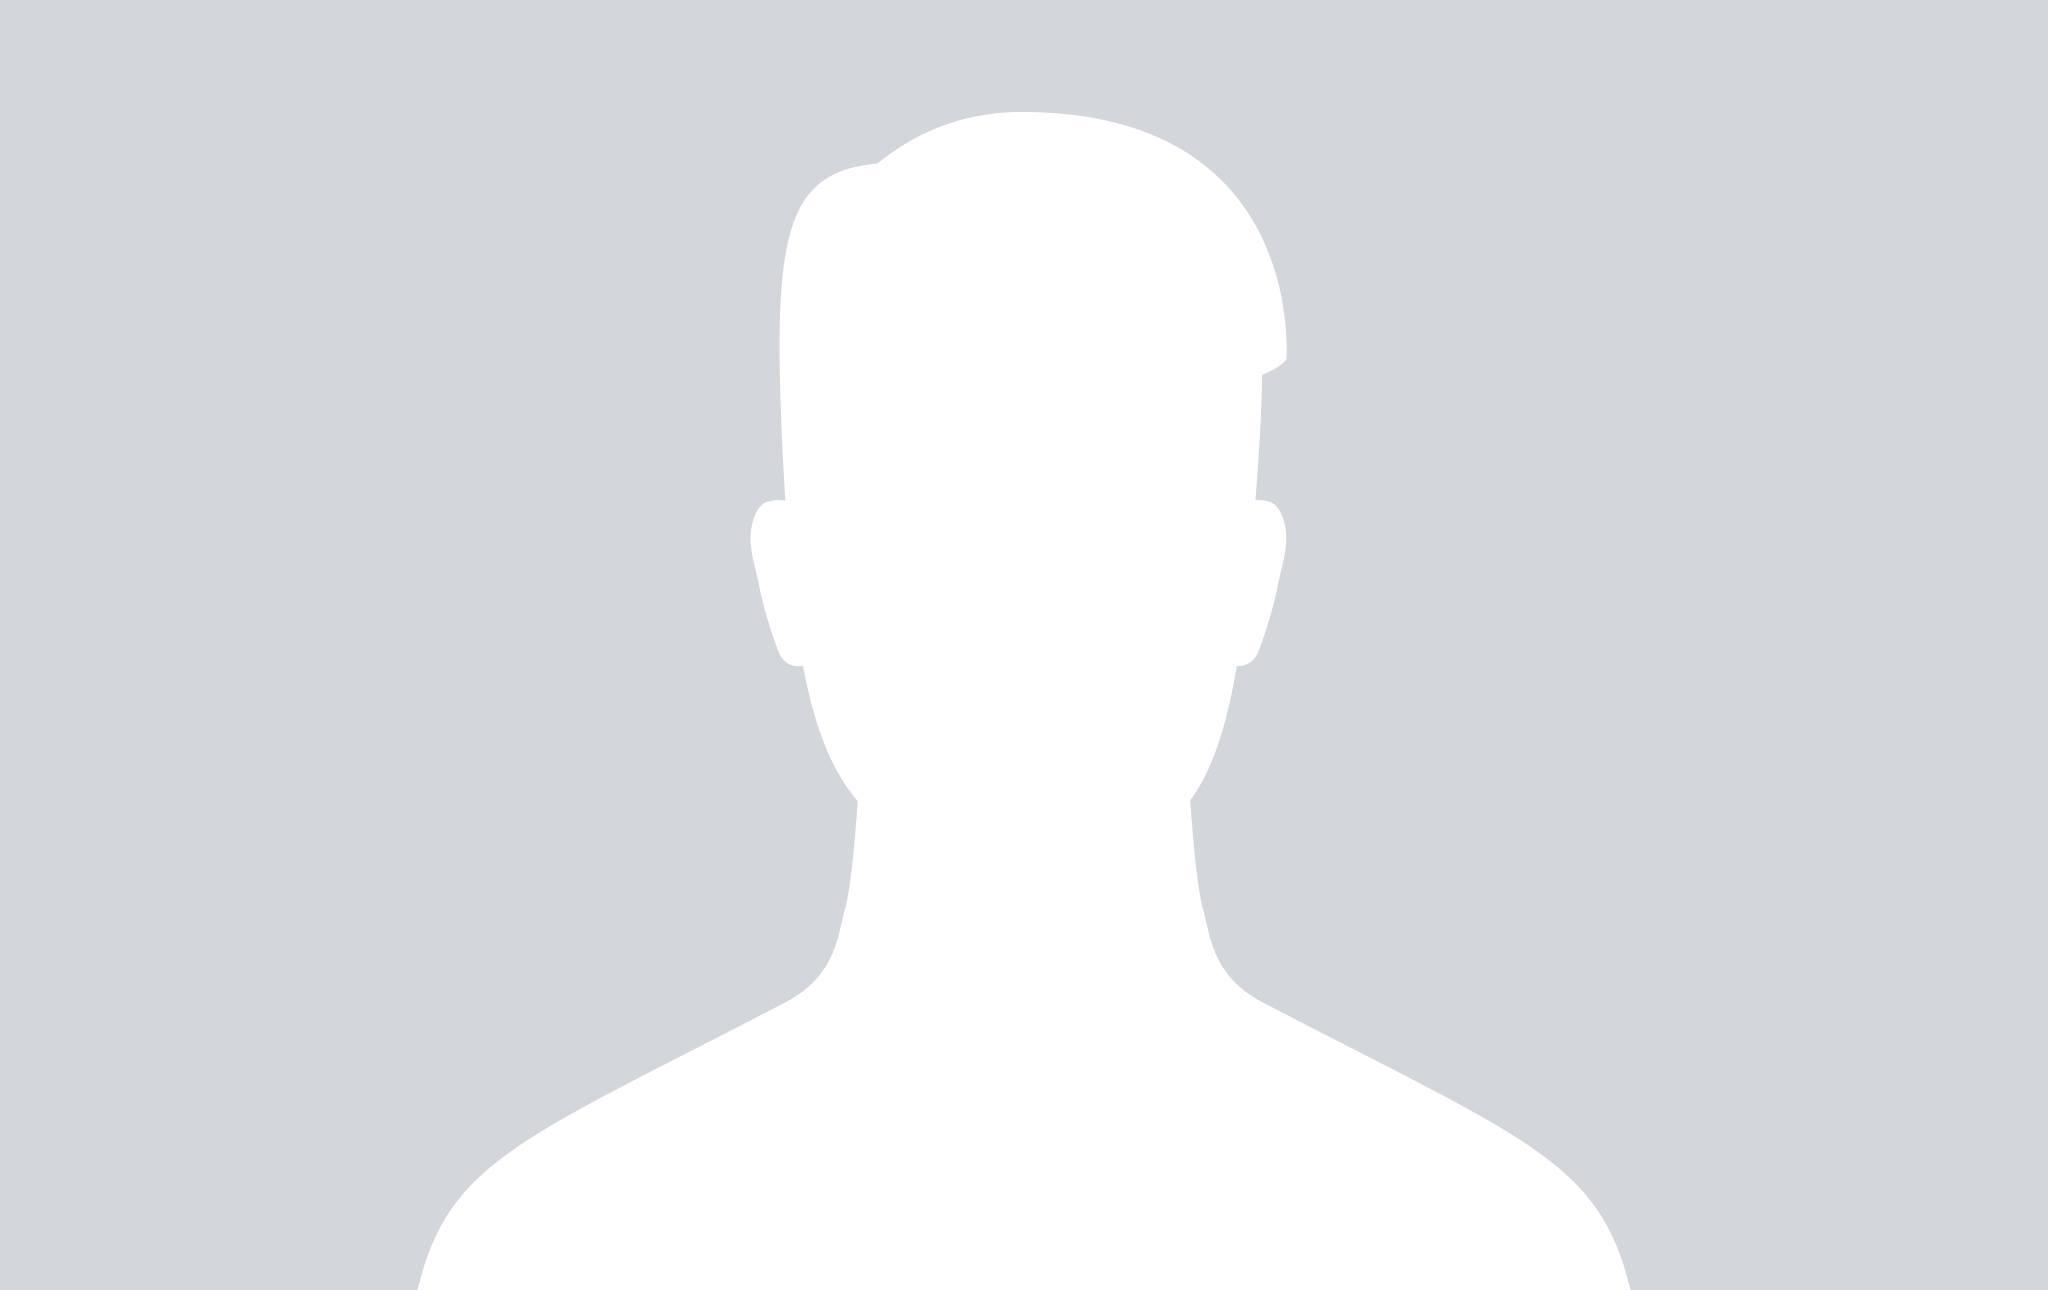 https://d2yht872mhrlra.cloudfront.net/user/137943/user_137943.jpg